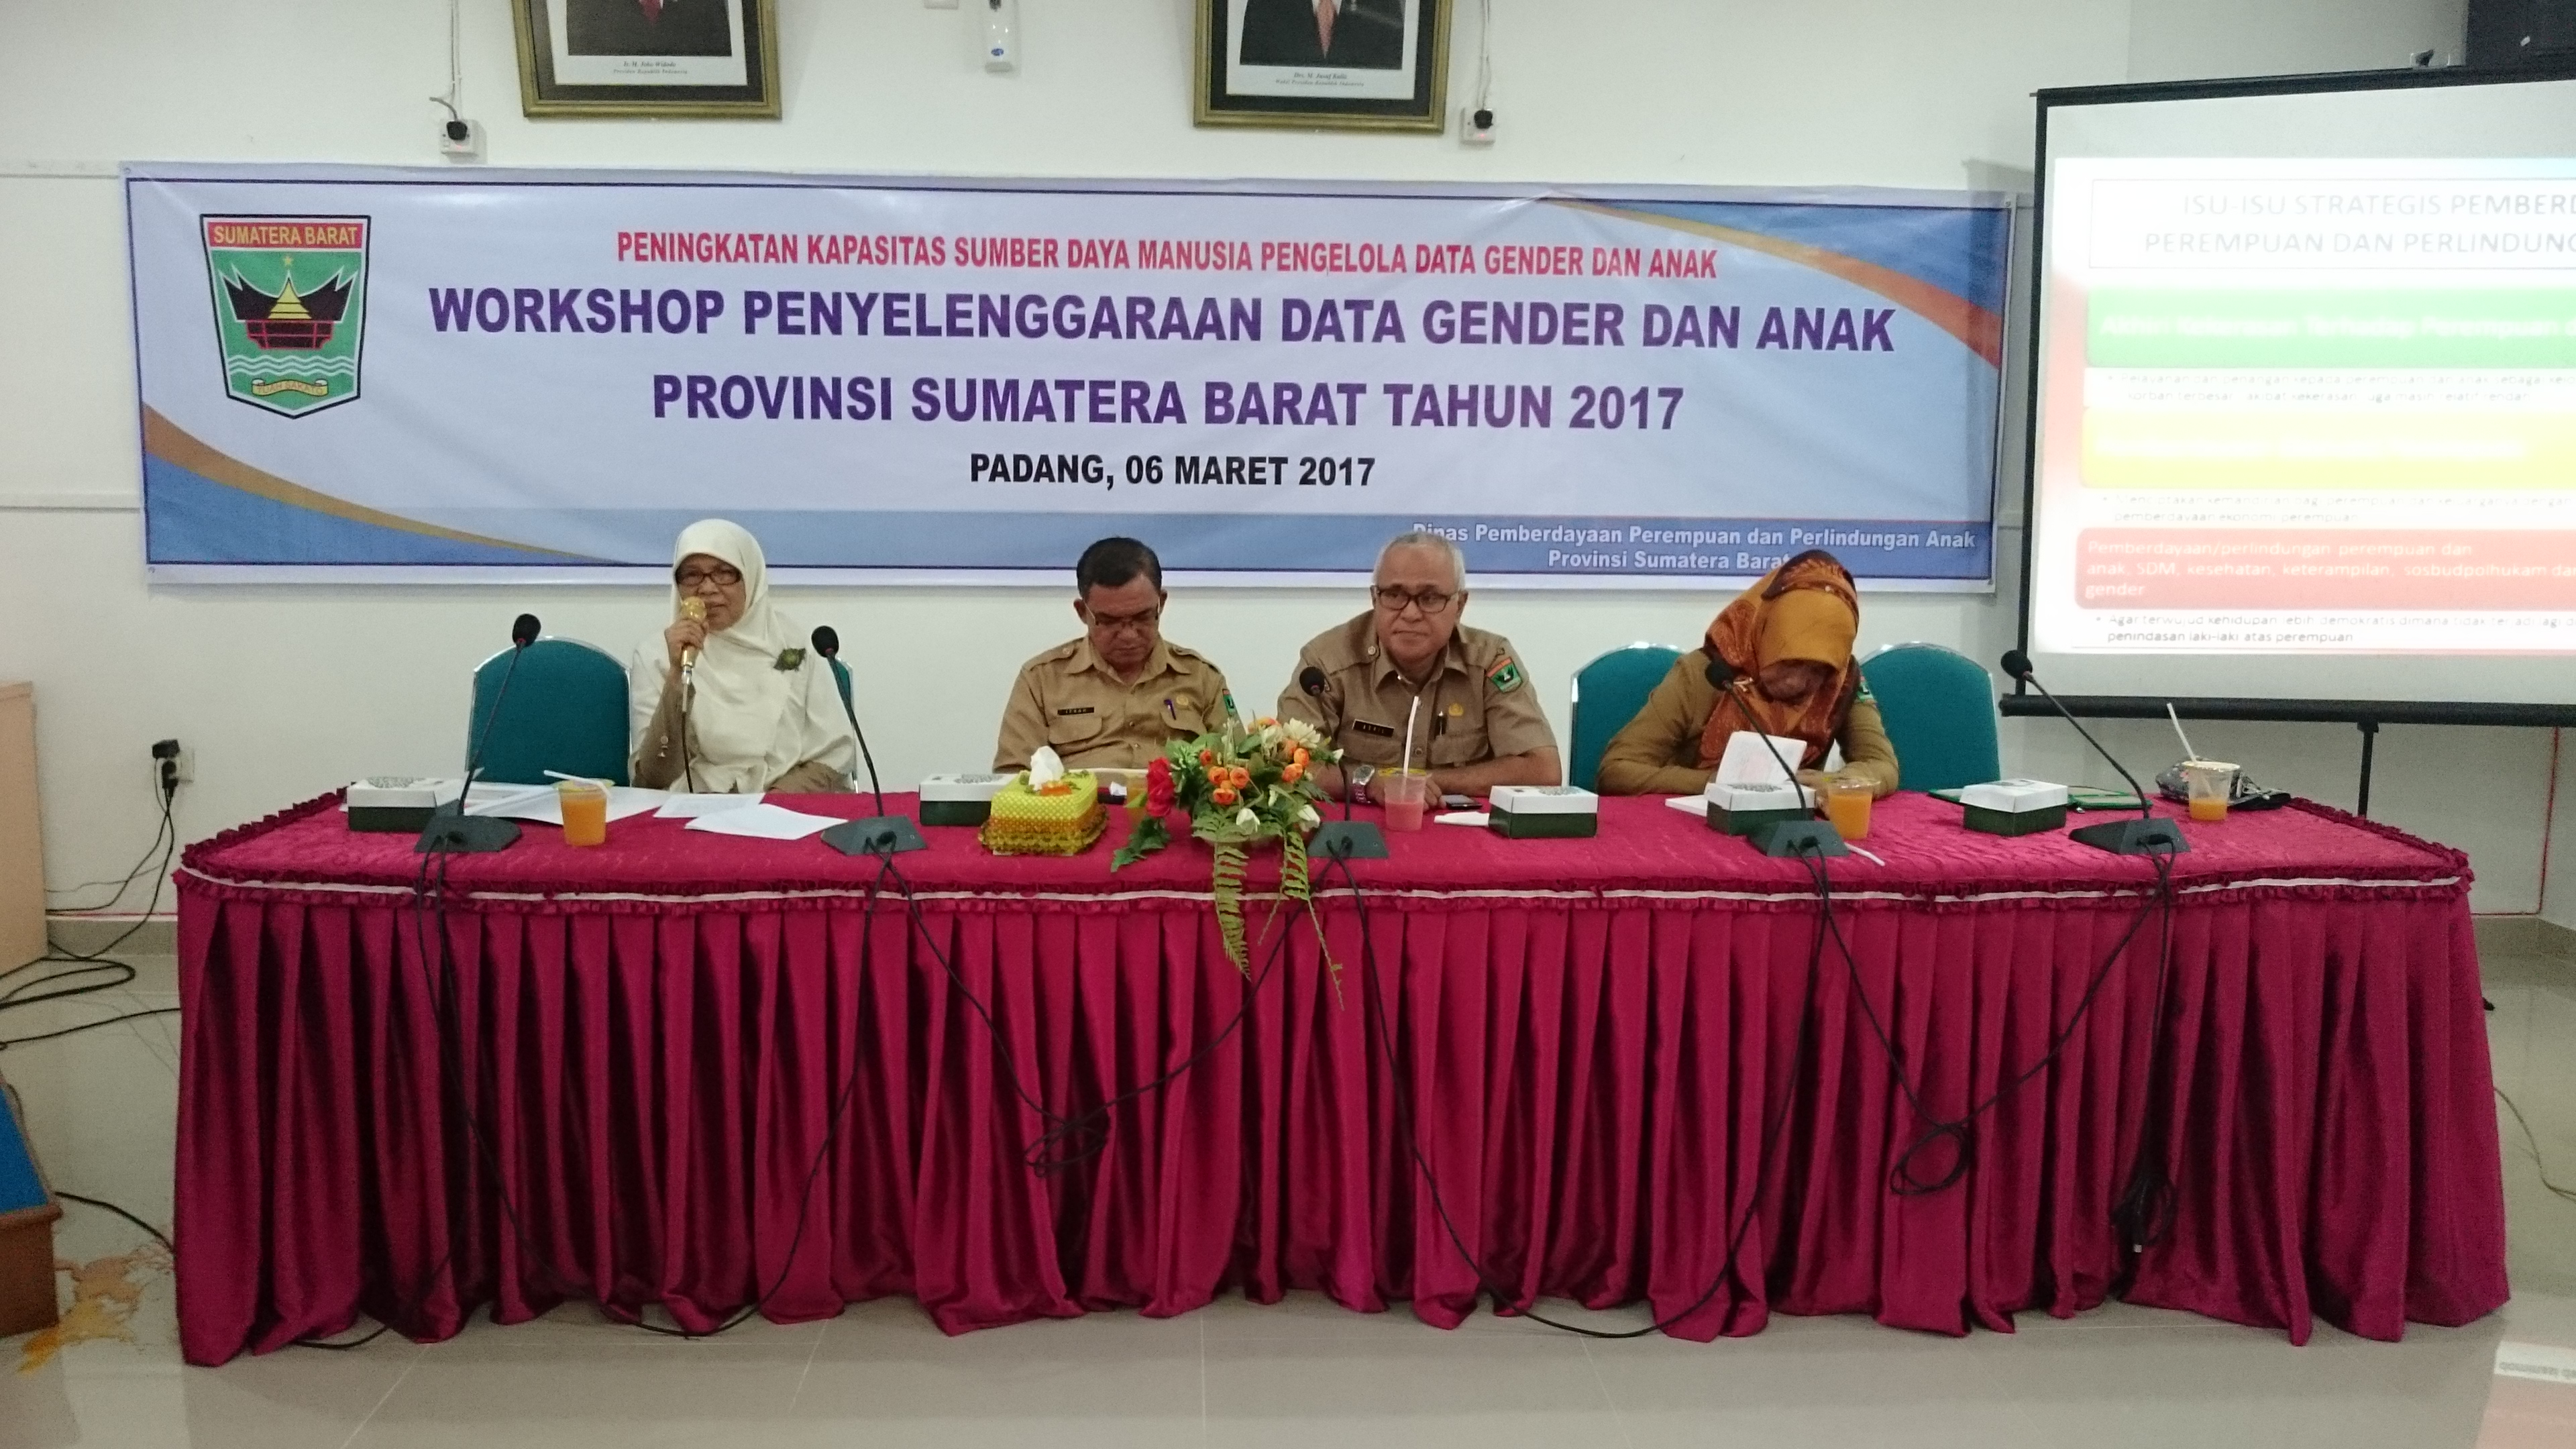 Workshop Penyelenggaraan Data Gender dan Anak